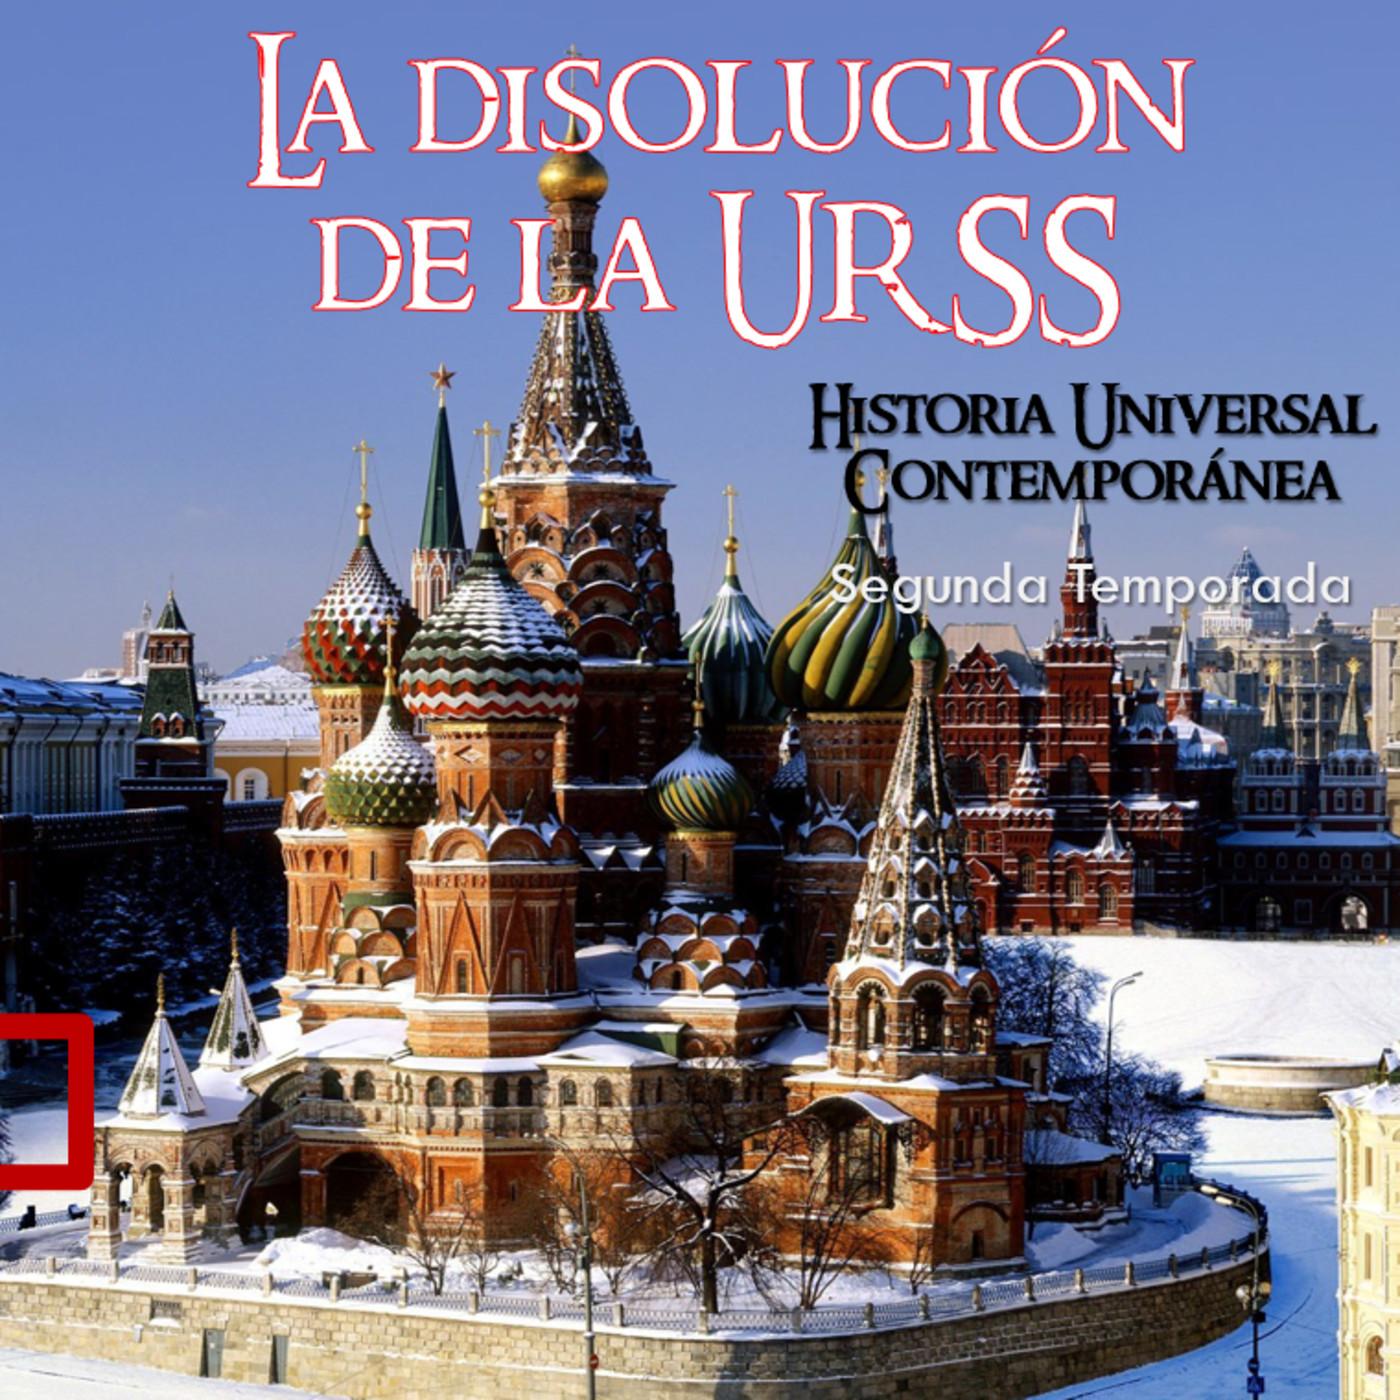 La disolución de la URSS